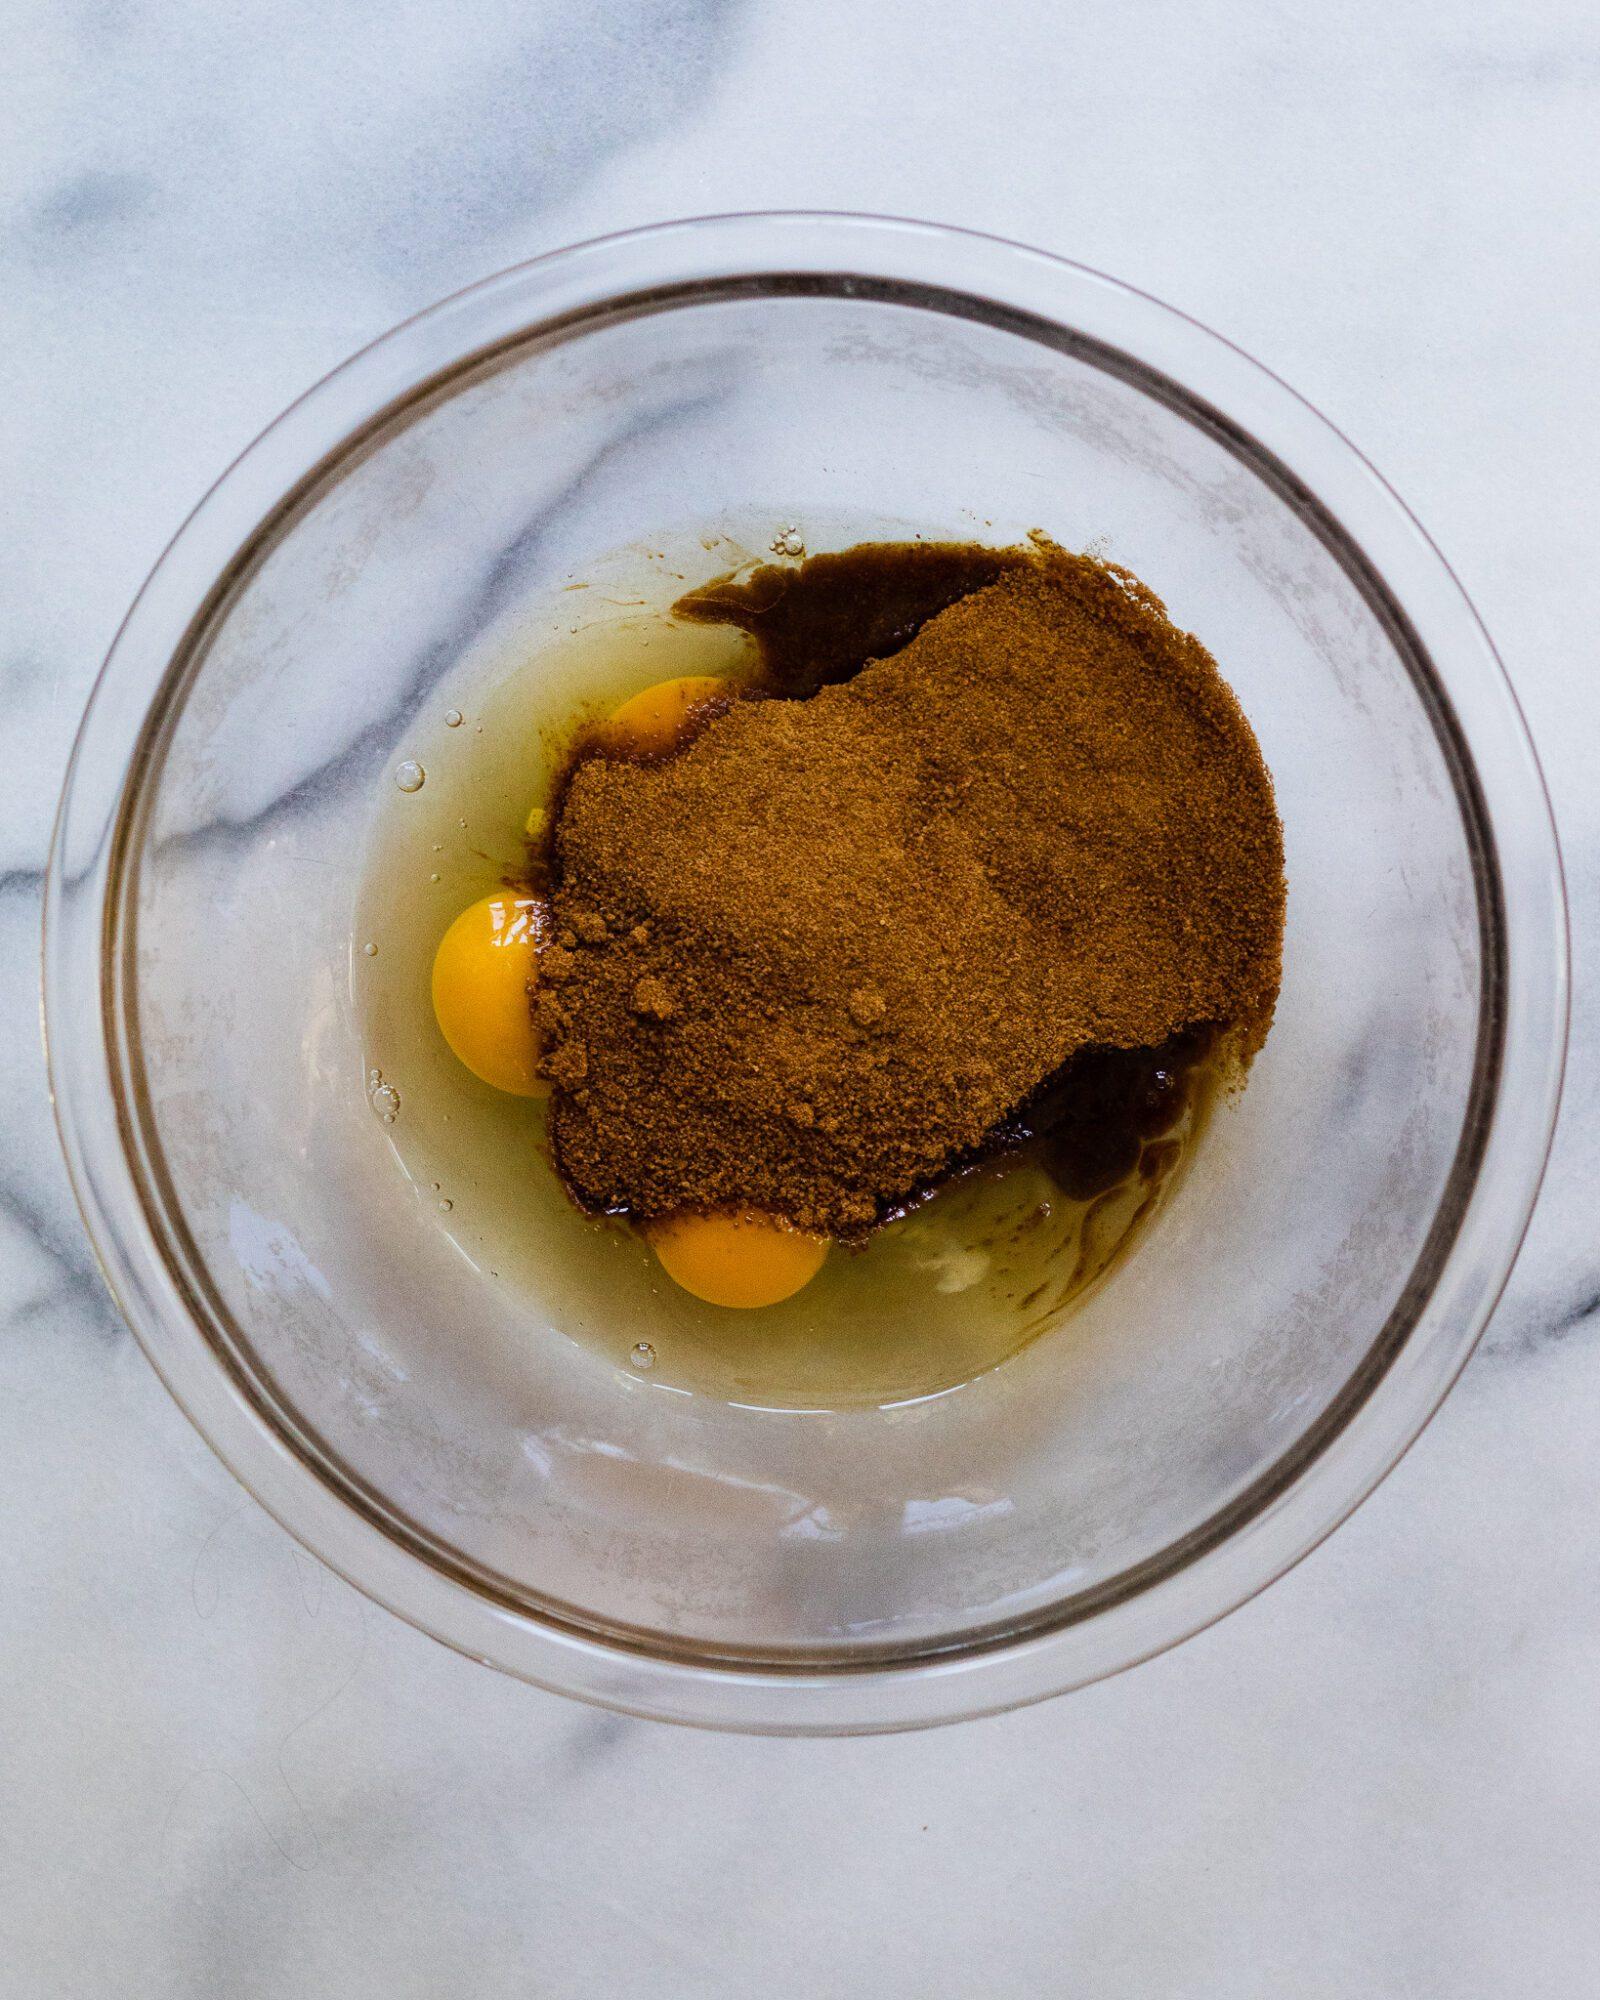 homemade brownies ingredients in a bowl